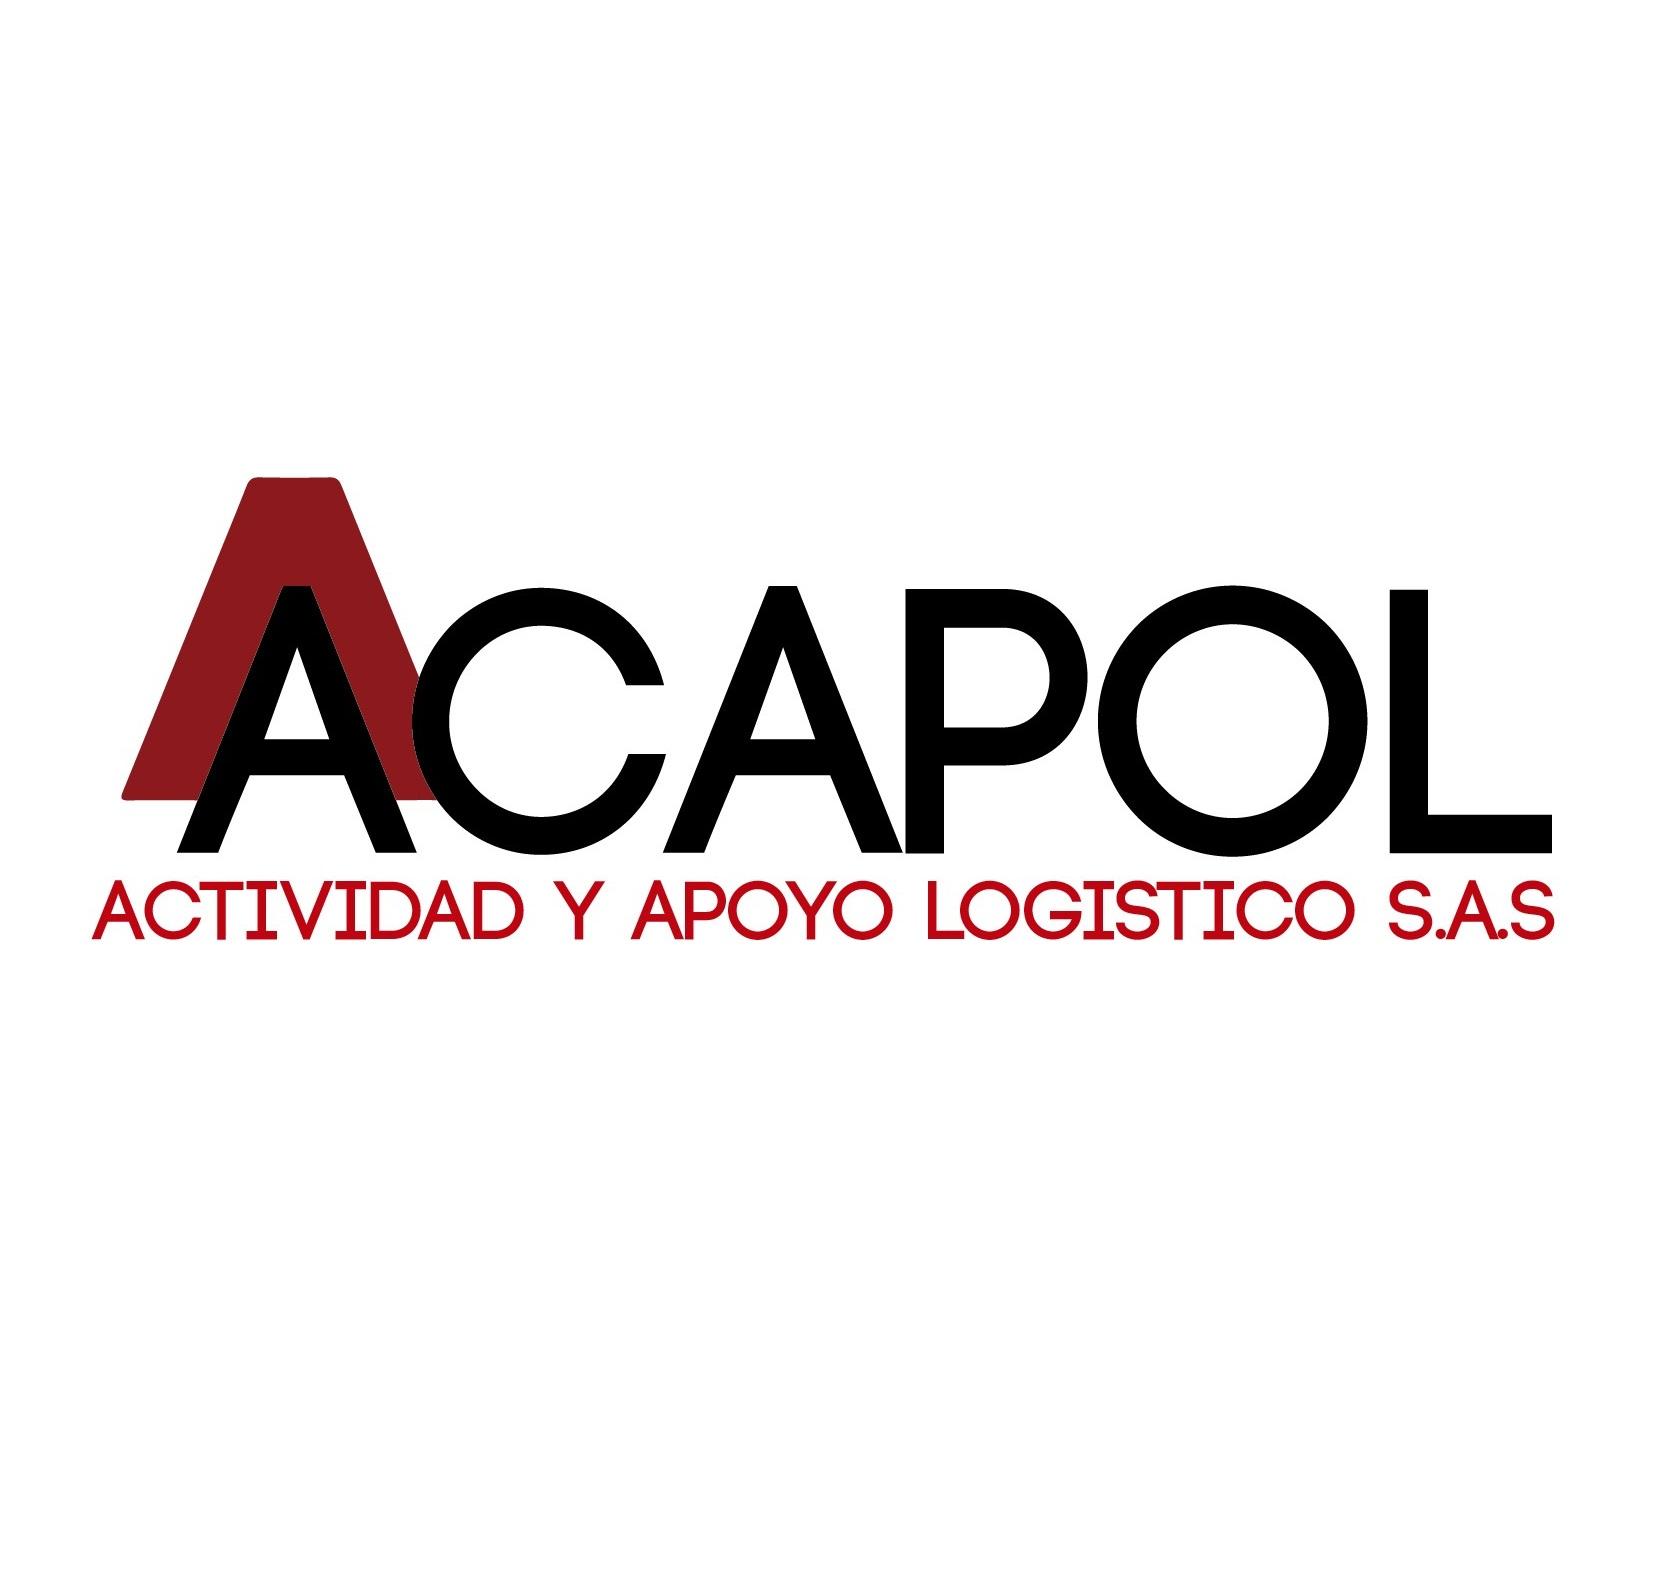 ACAPOL S.A.S.